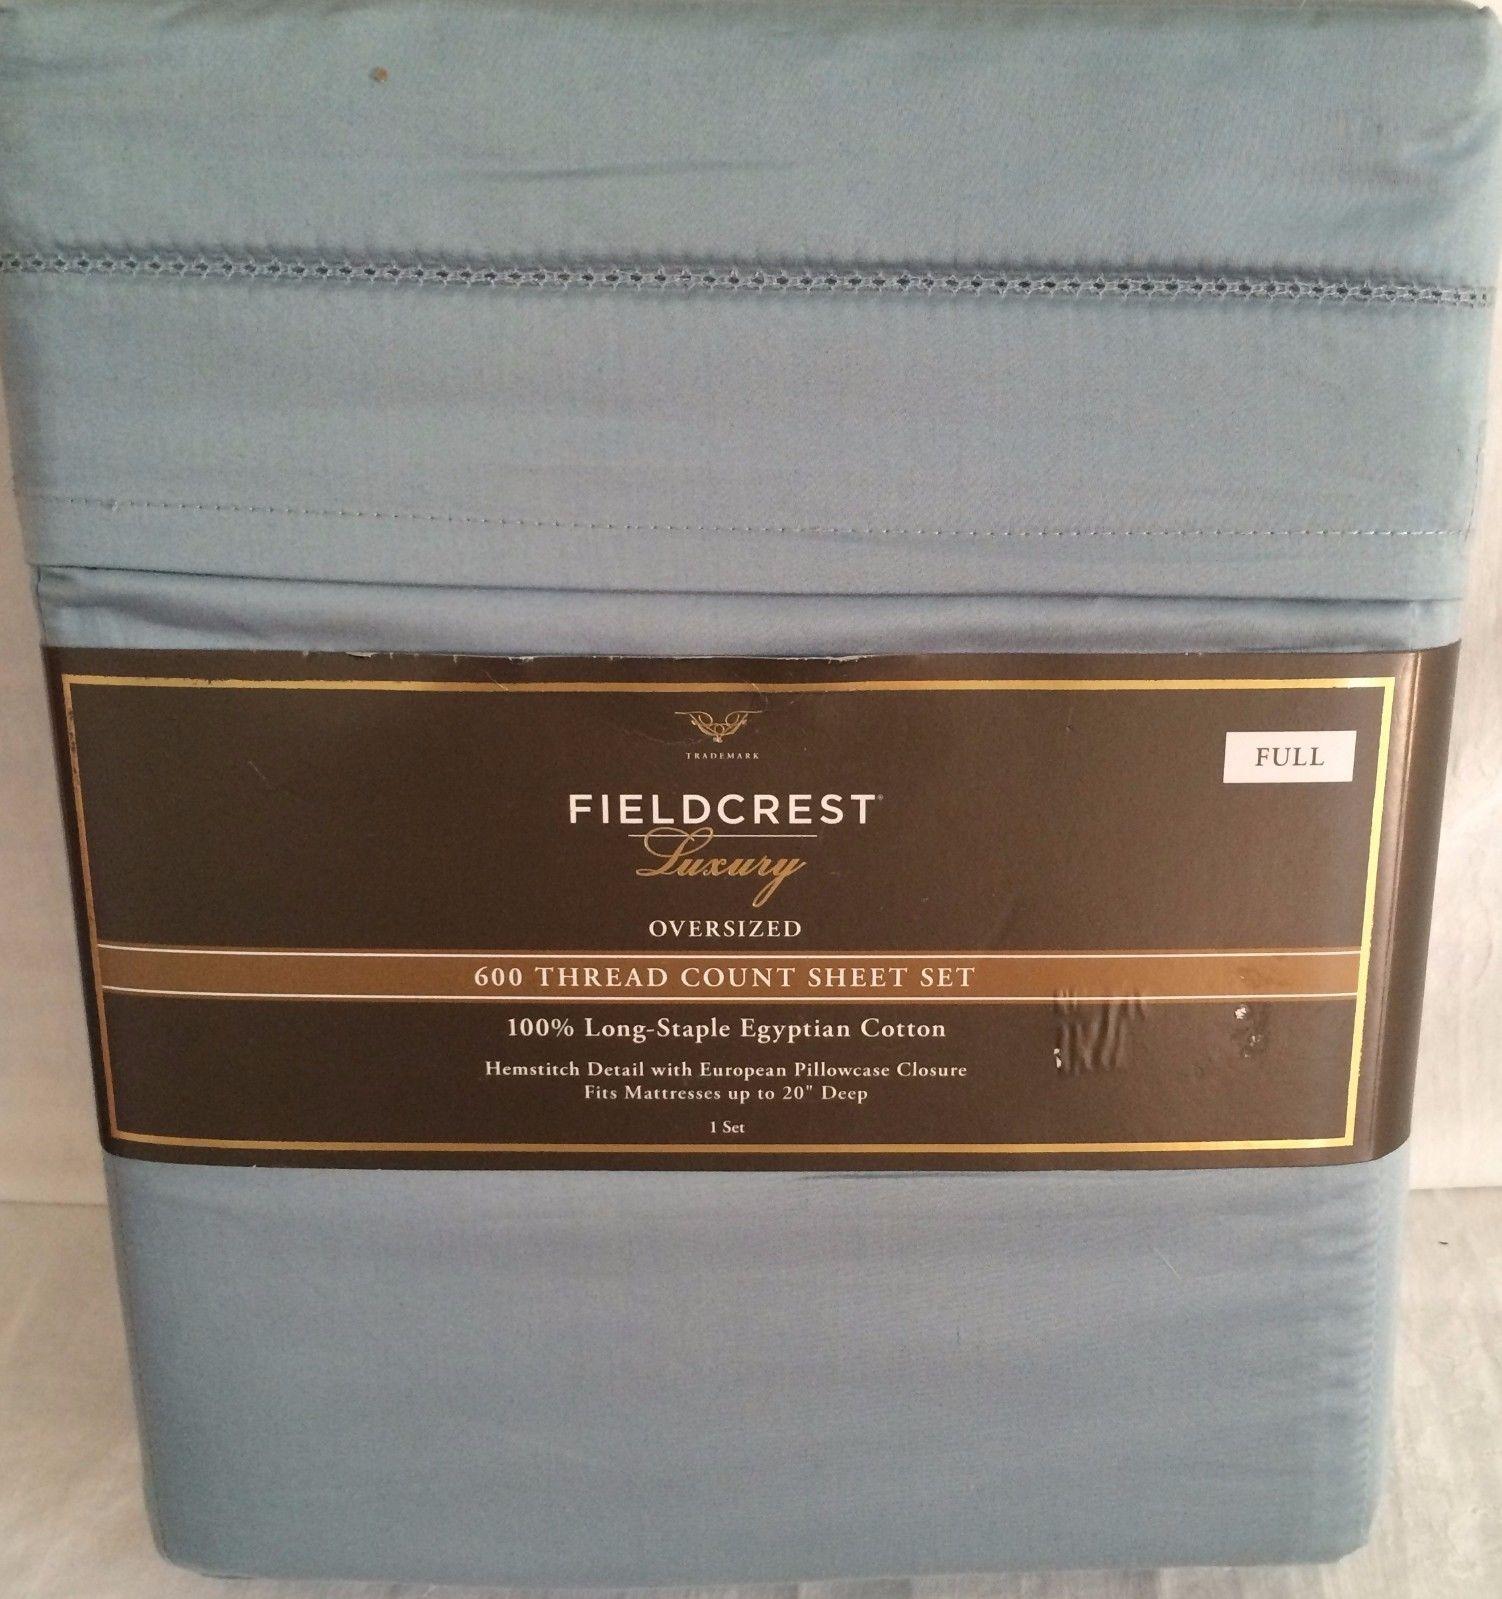 Rn17730 Sheets | Fieldcrest Luxury Sheets | Fieldcrest Duvet Cover Sets